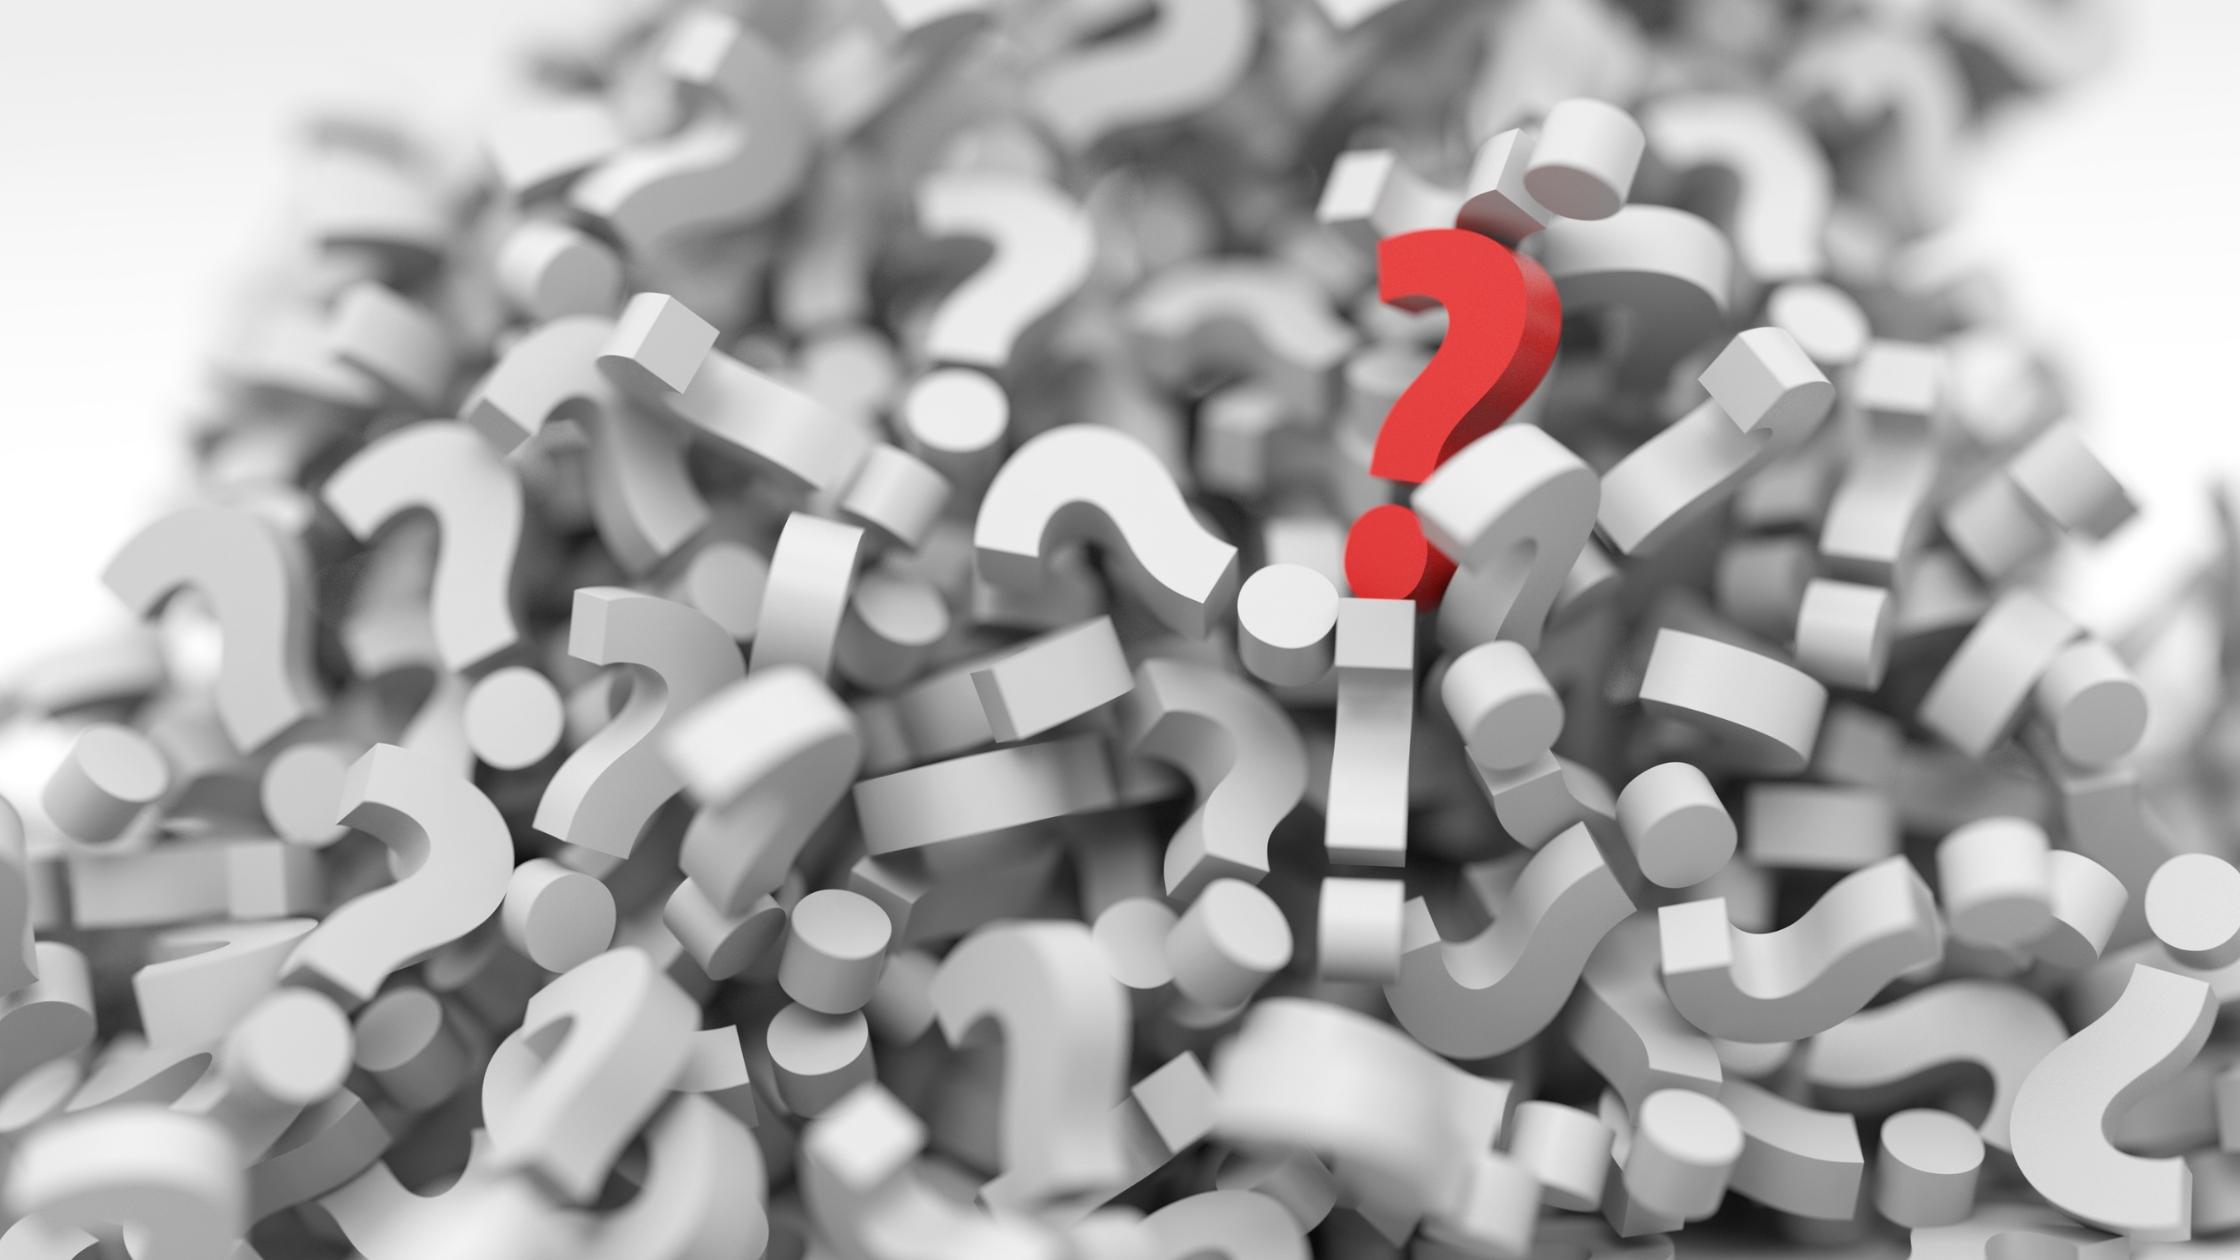 Scripture engagement - questions